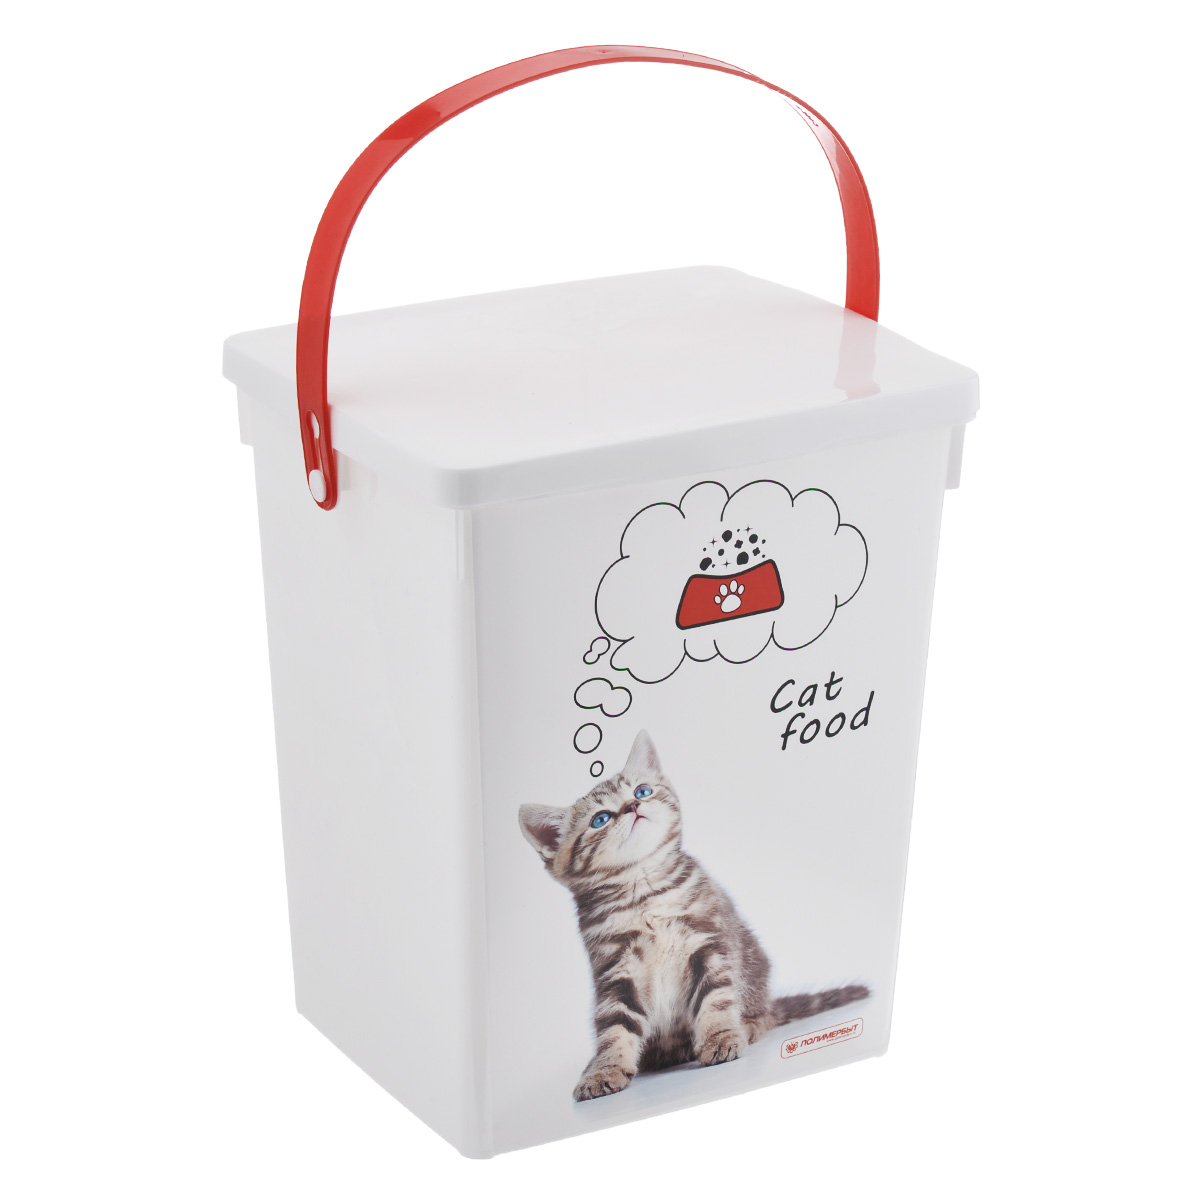 Контейнер для хранения корма Полимербыт Cat Food, цвет: белый, красный, 5 лFA-5125 WhiteКонтейнер Полимербыт, изготовленный из высококачественного пластика, предназначен для хранения корма для животных. Контейнер оснащен ручкой, благодаря которой можно без проблем переносить с места на место.В таком контейнере корм останется всегда свежим.